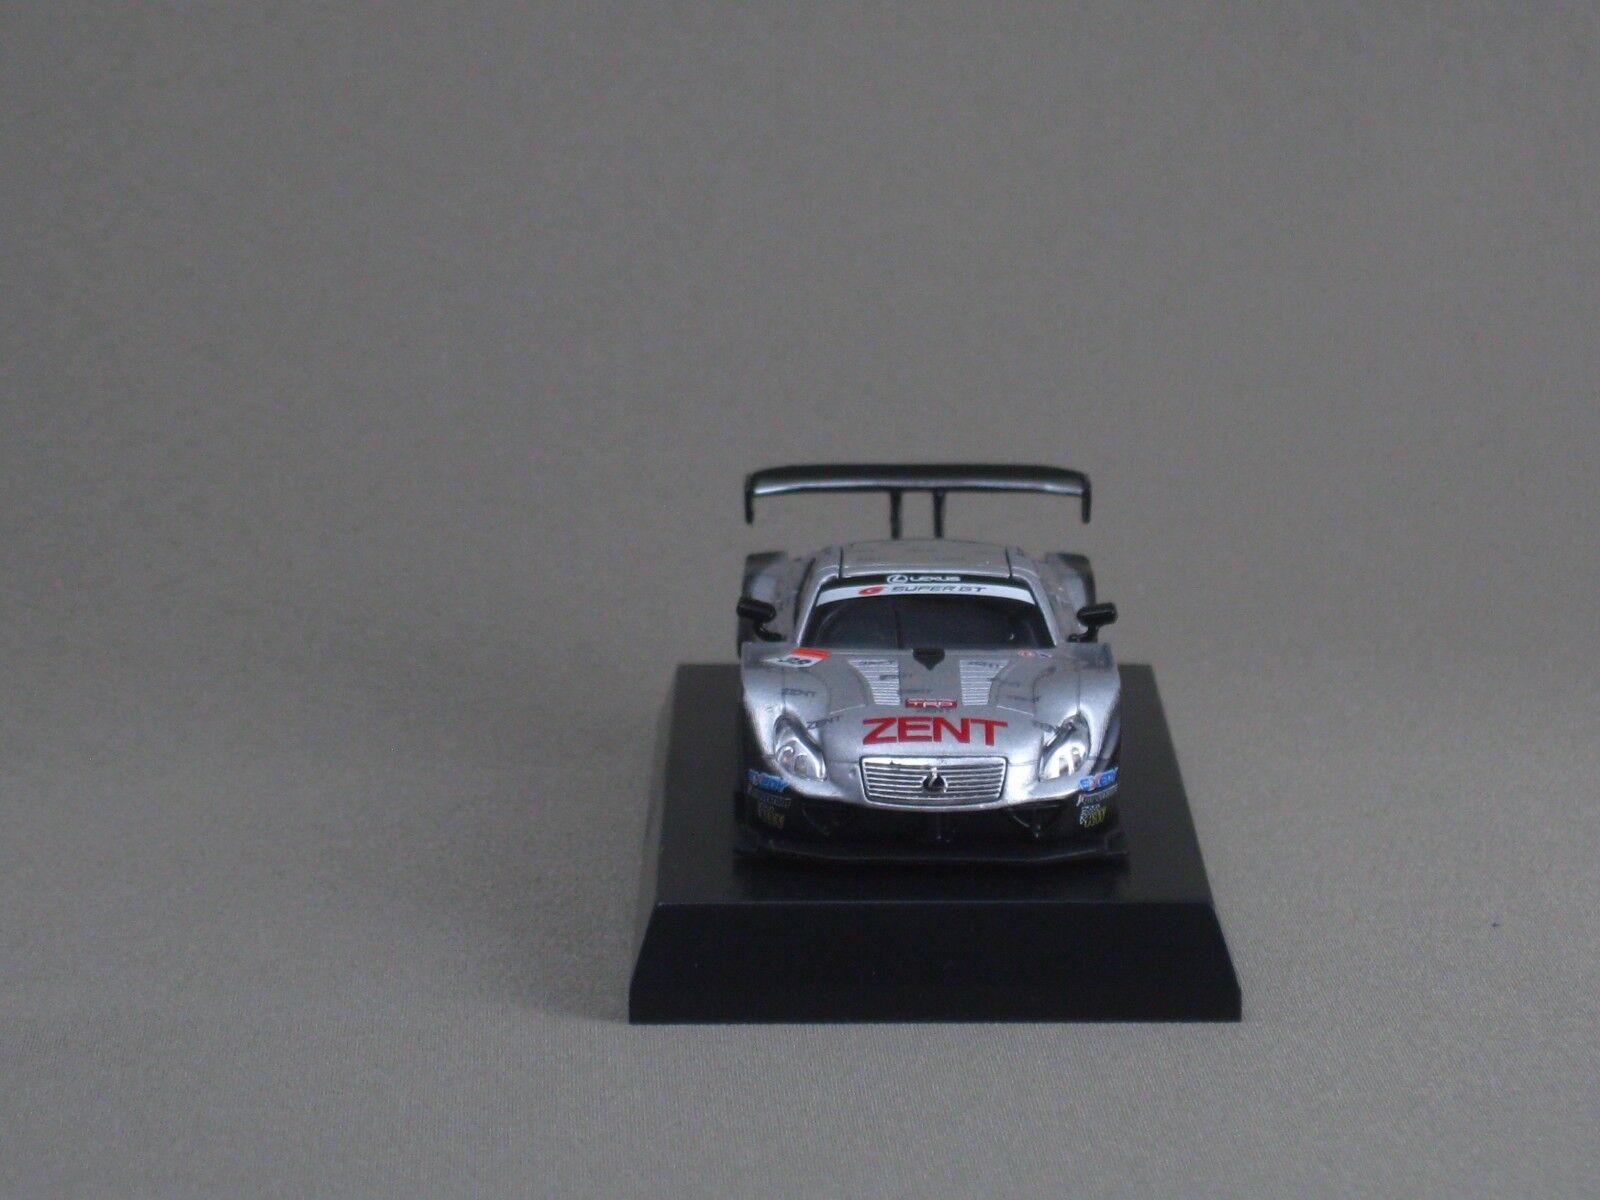 1 64 Kyosho Toyota SC430 Zent Cerumo No.38 2009 2009 2009 Super GT GT500 5f3661